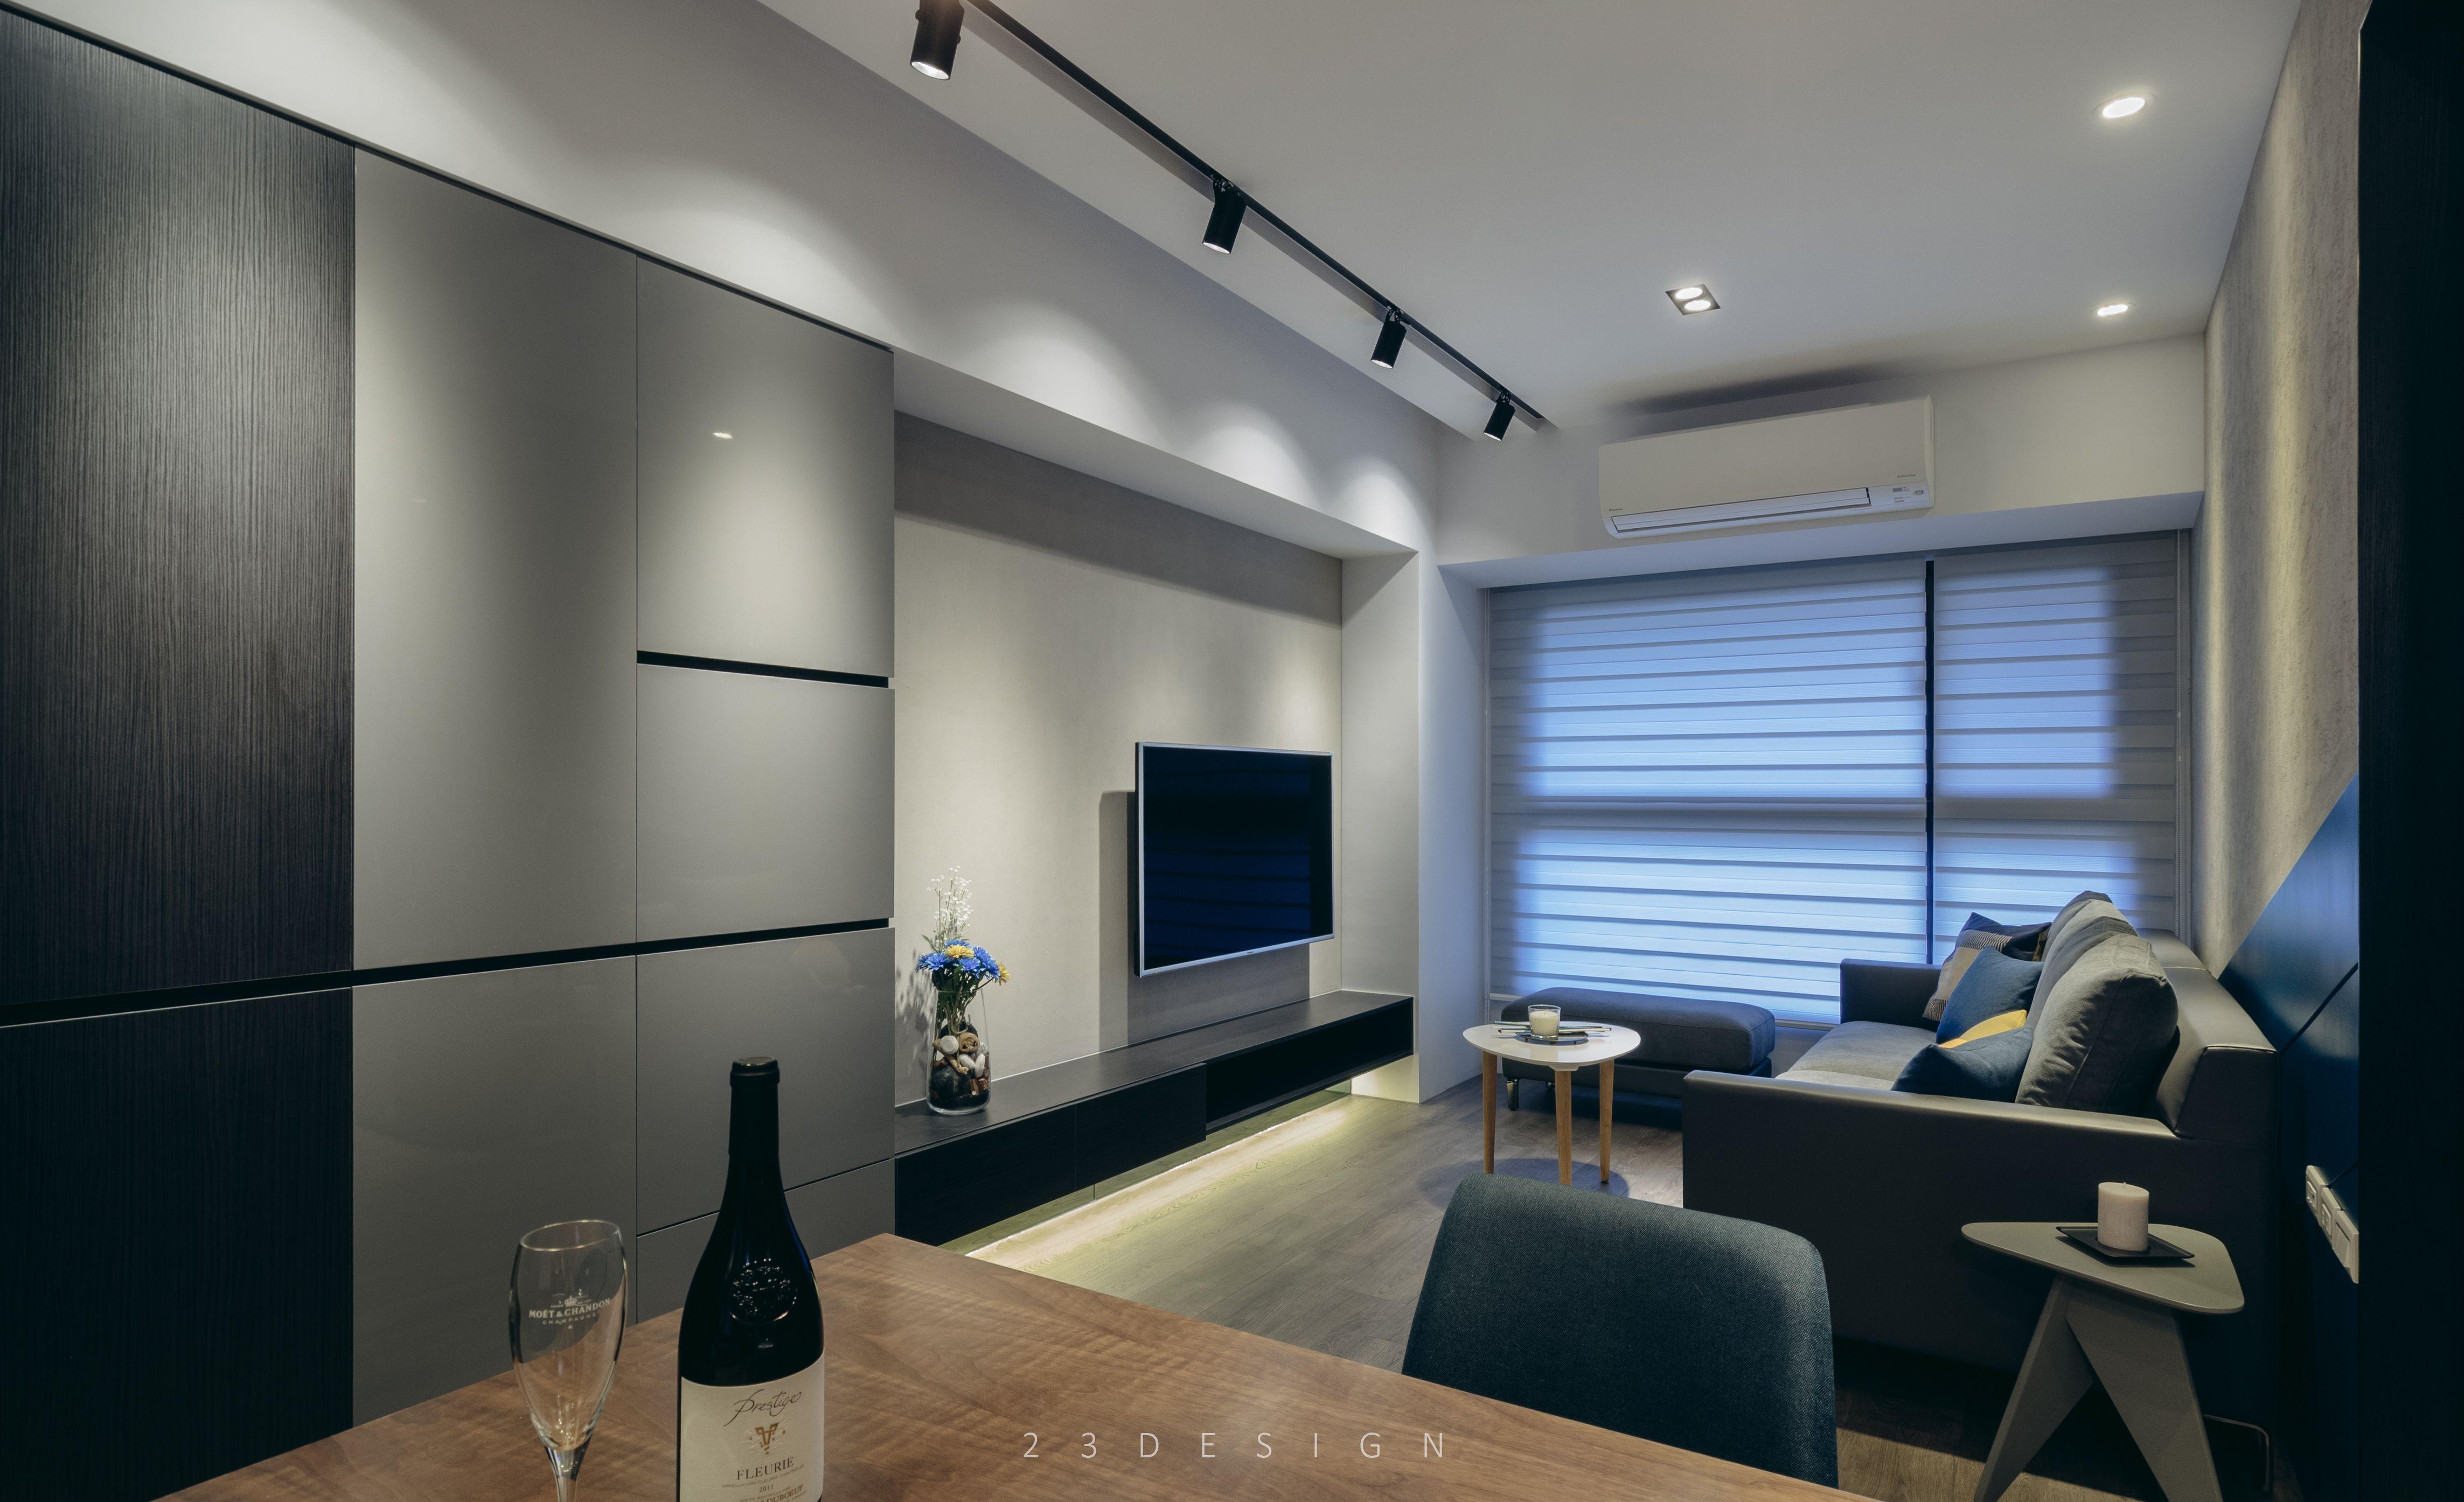 二三設計 23design 室內設計 interior 住宅設計 livingroom 實品屋 樣品屋 商業空間設計 office 辦公室設計 居家 佈置 ...